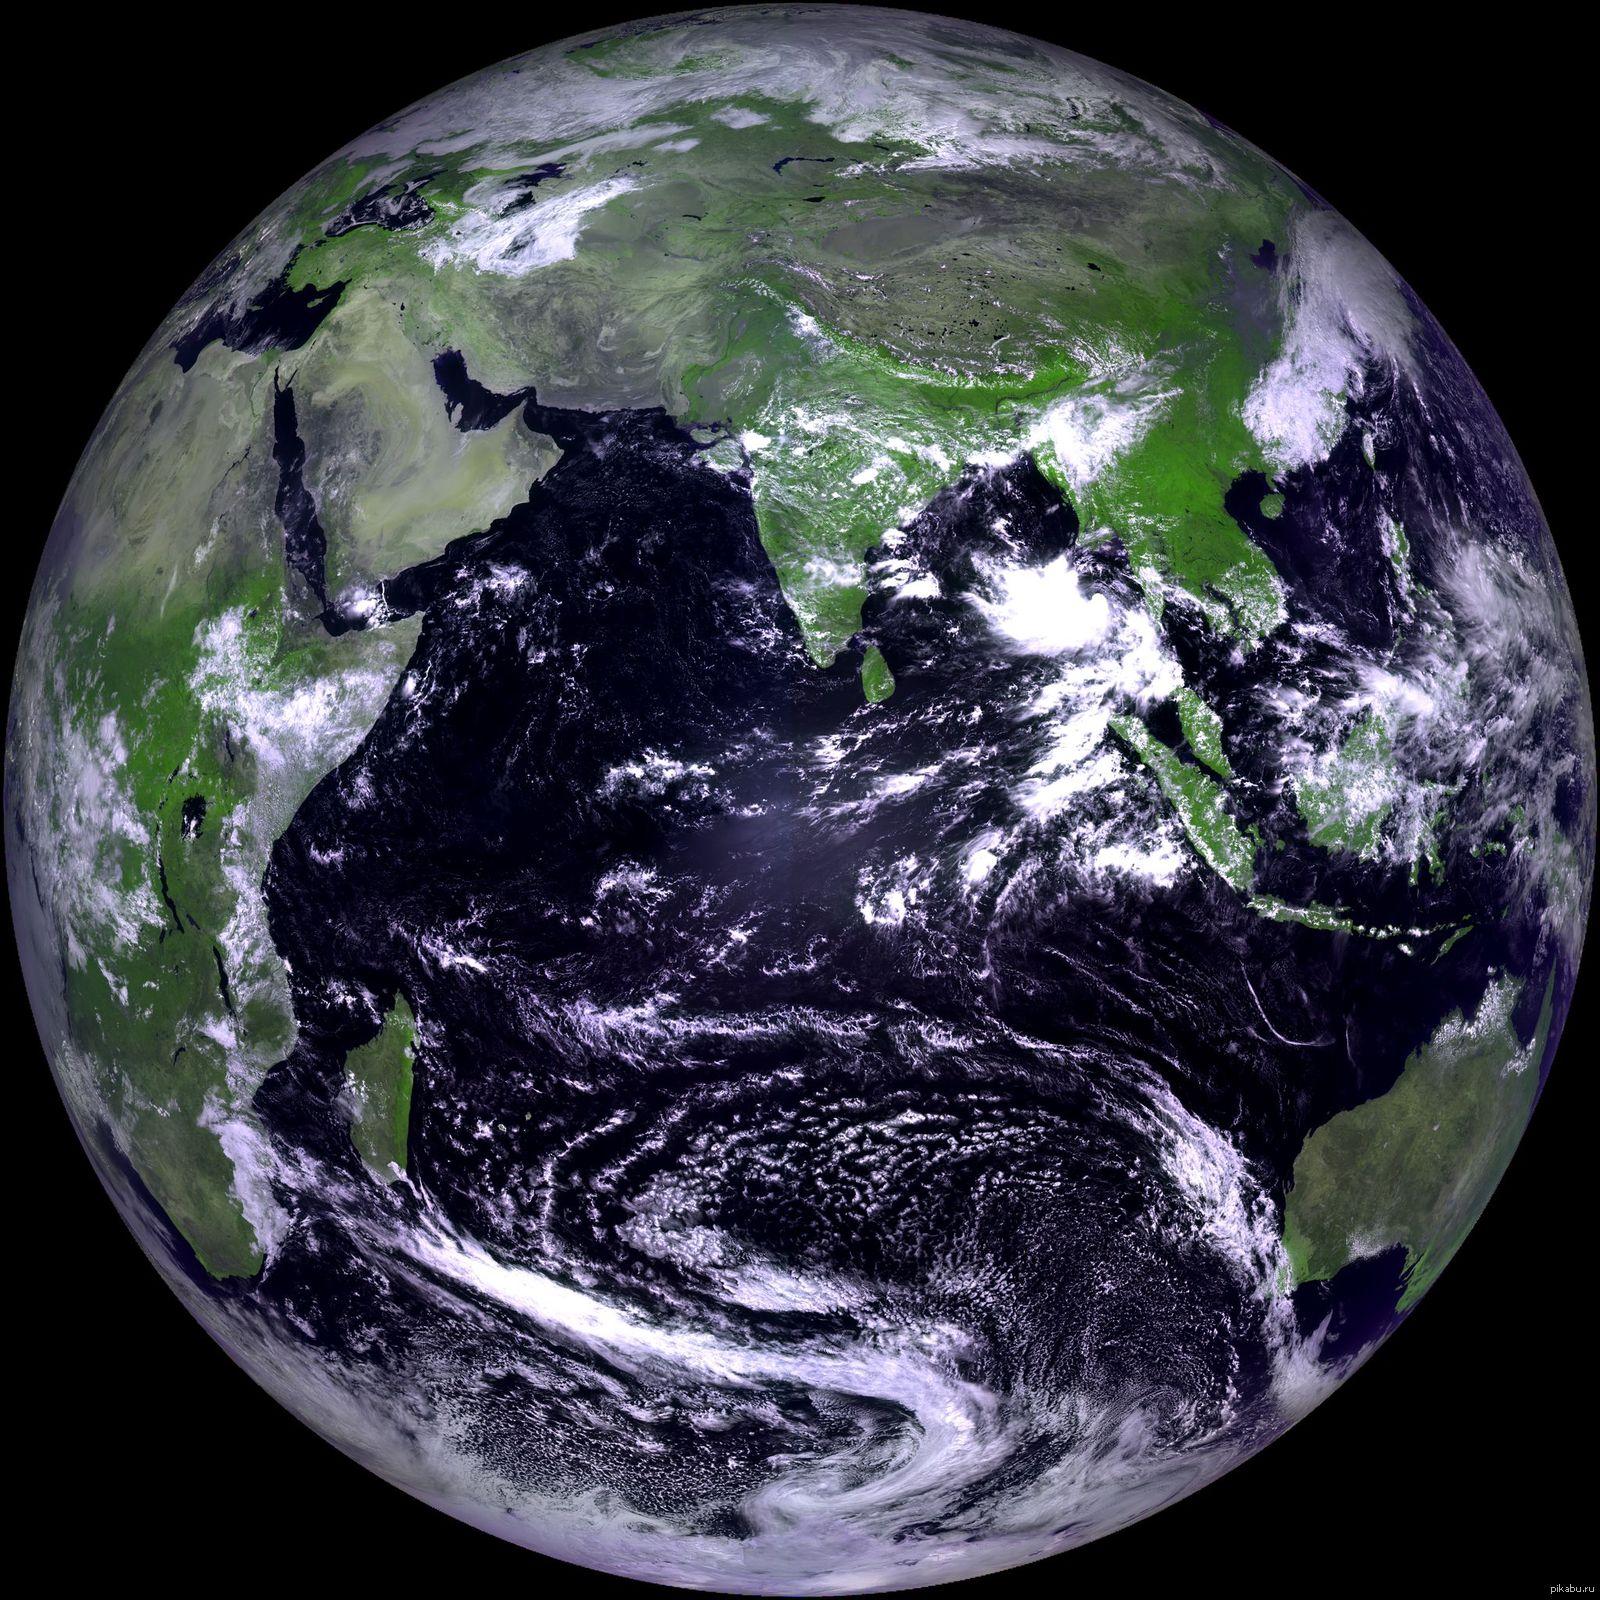 снимок земли из космоса картинка попробует